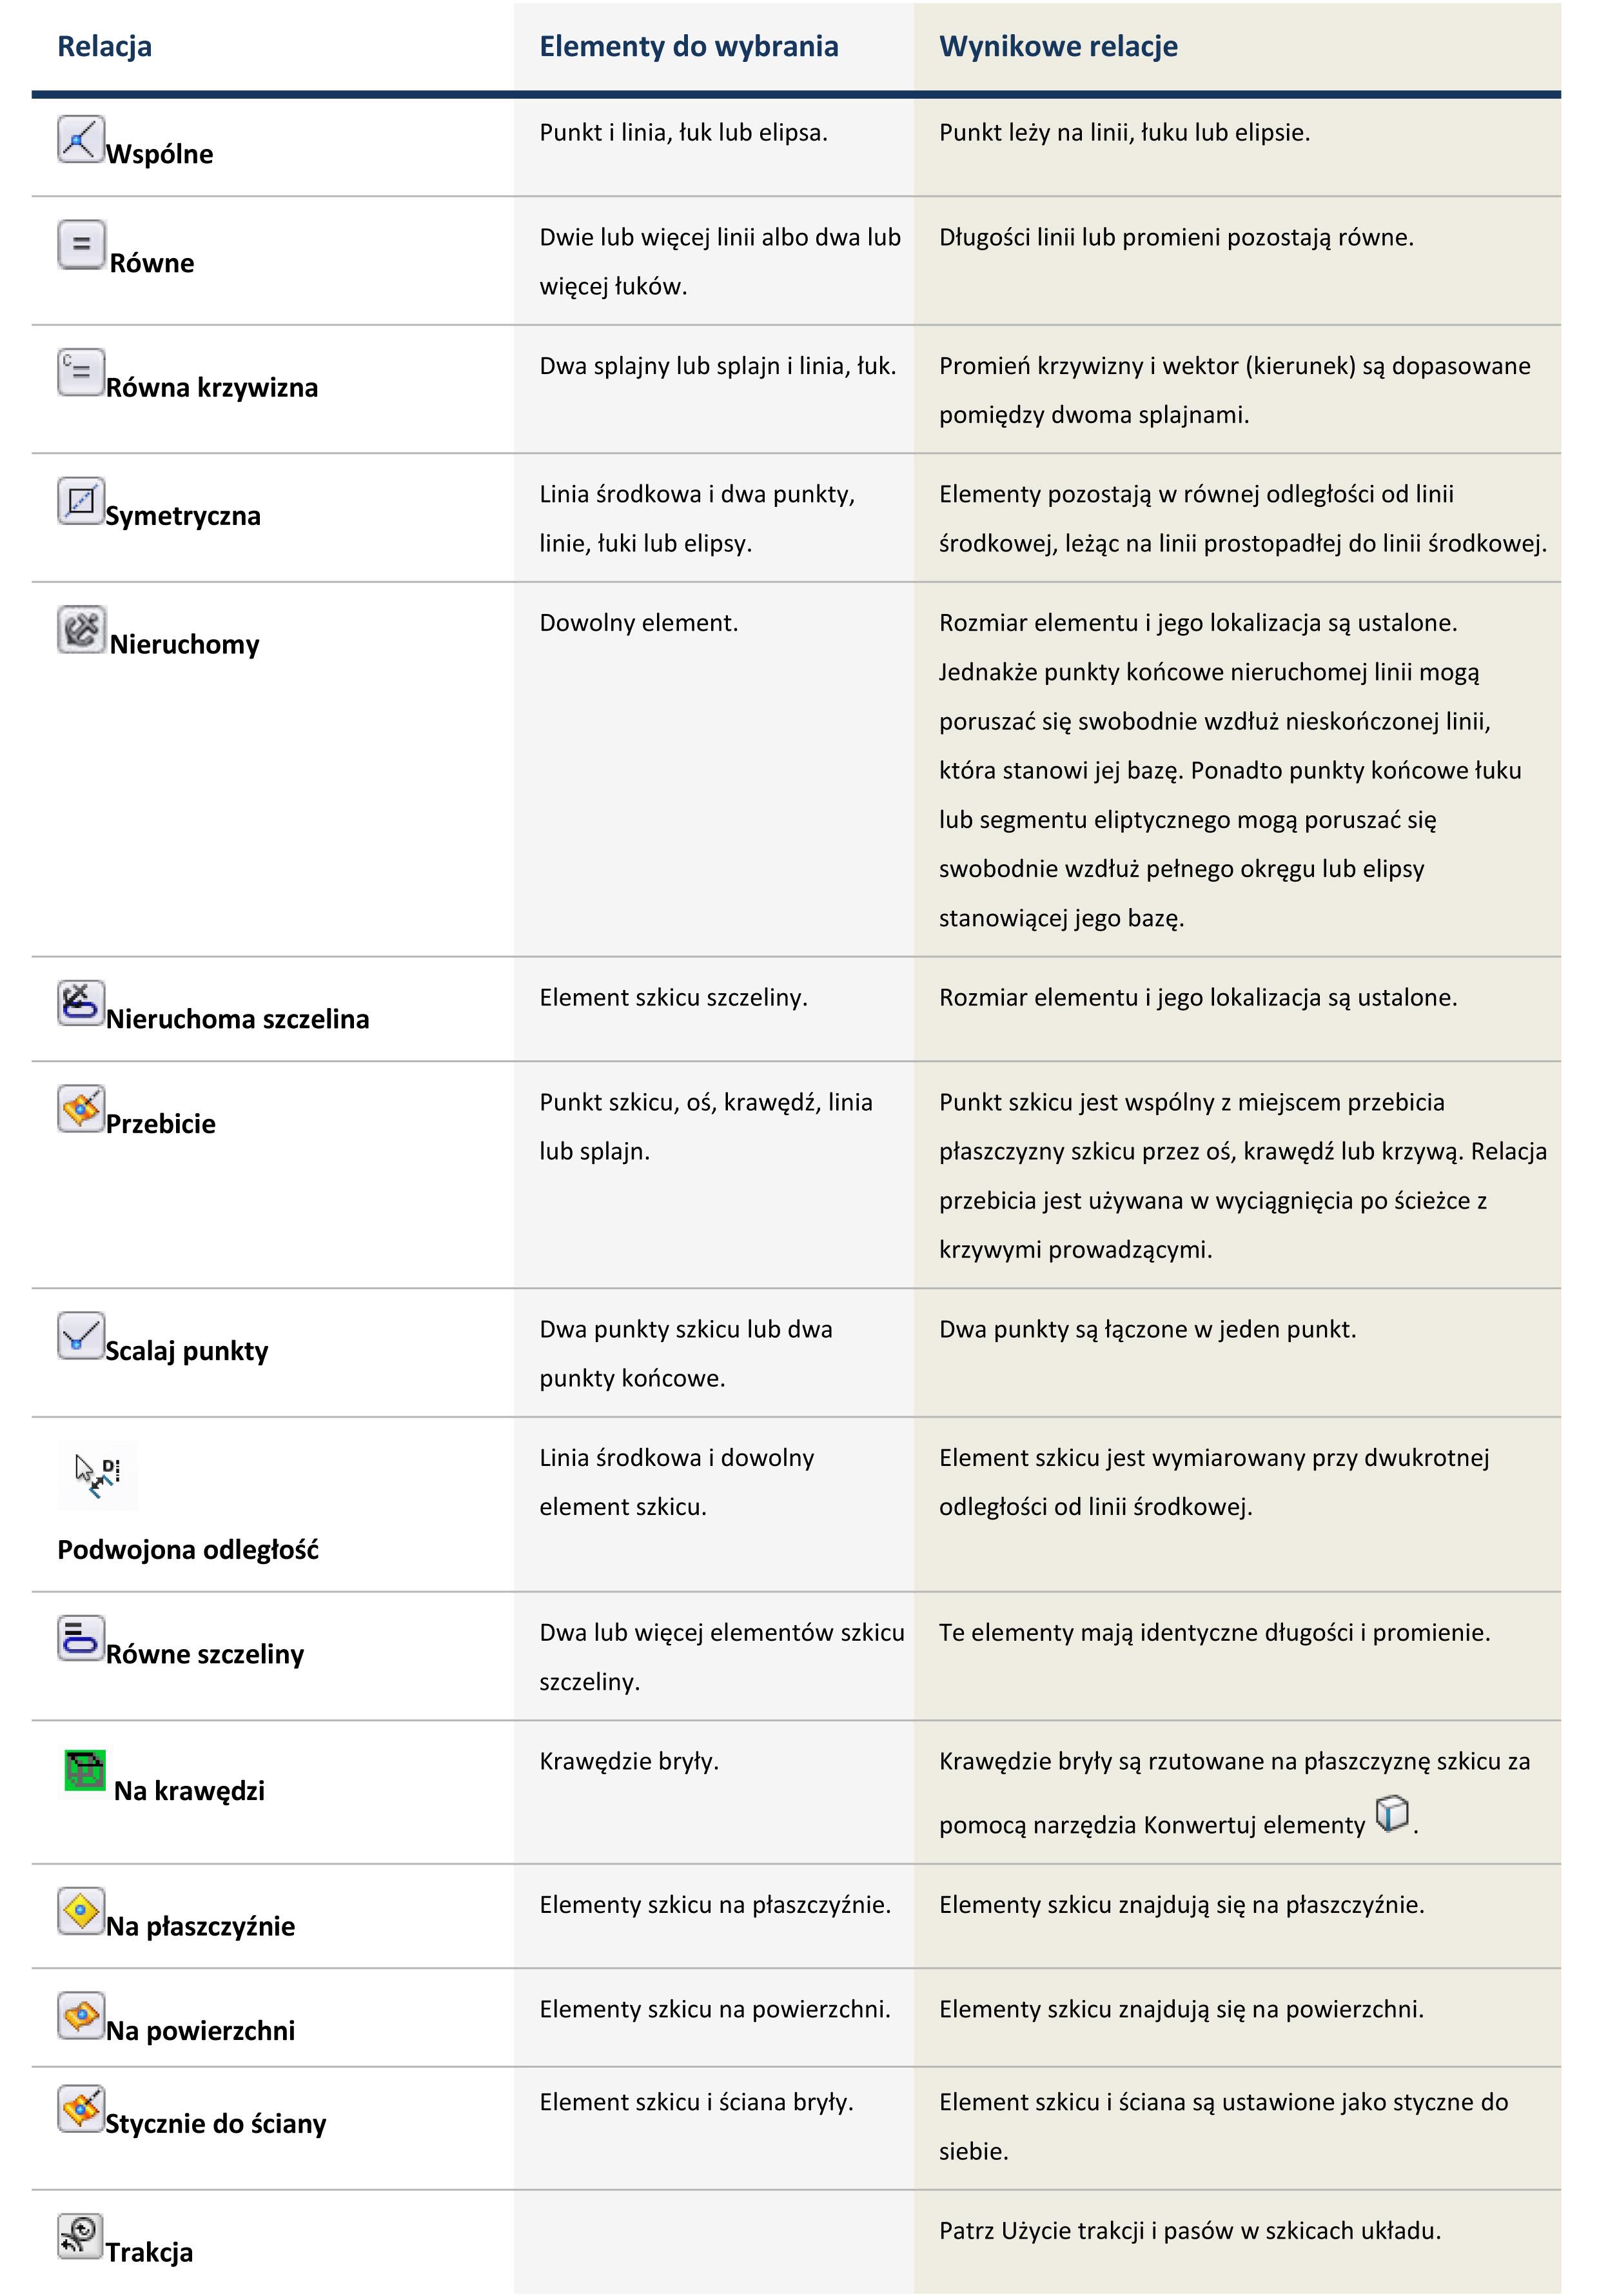 Relacje w szkicu SOLIDWORKS- tabela nr 1